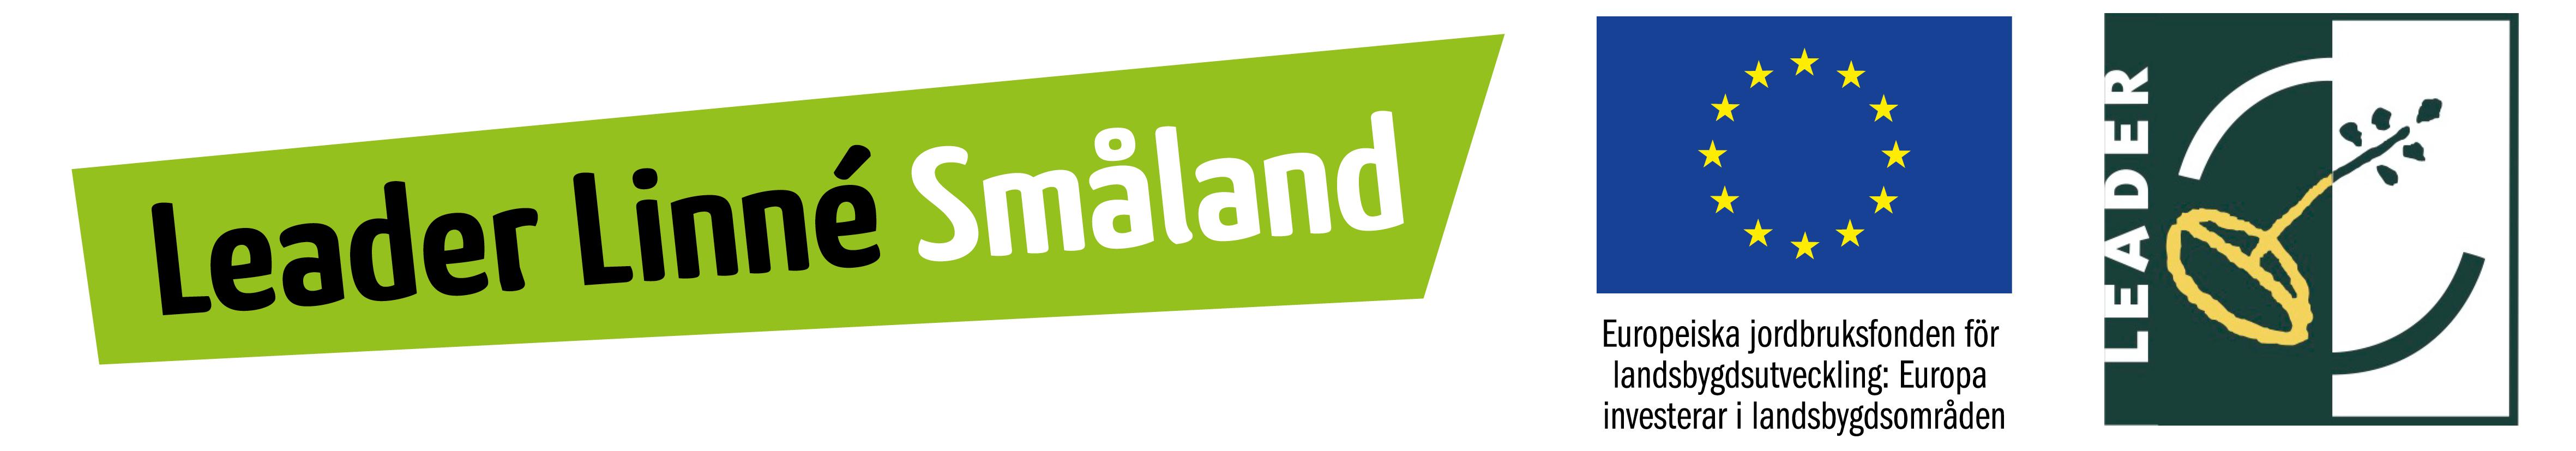 leader västra småland